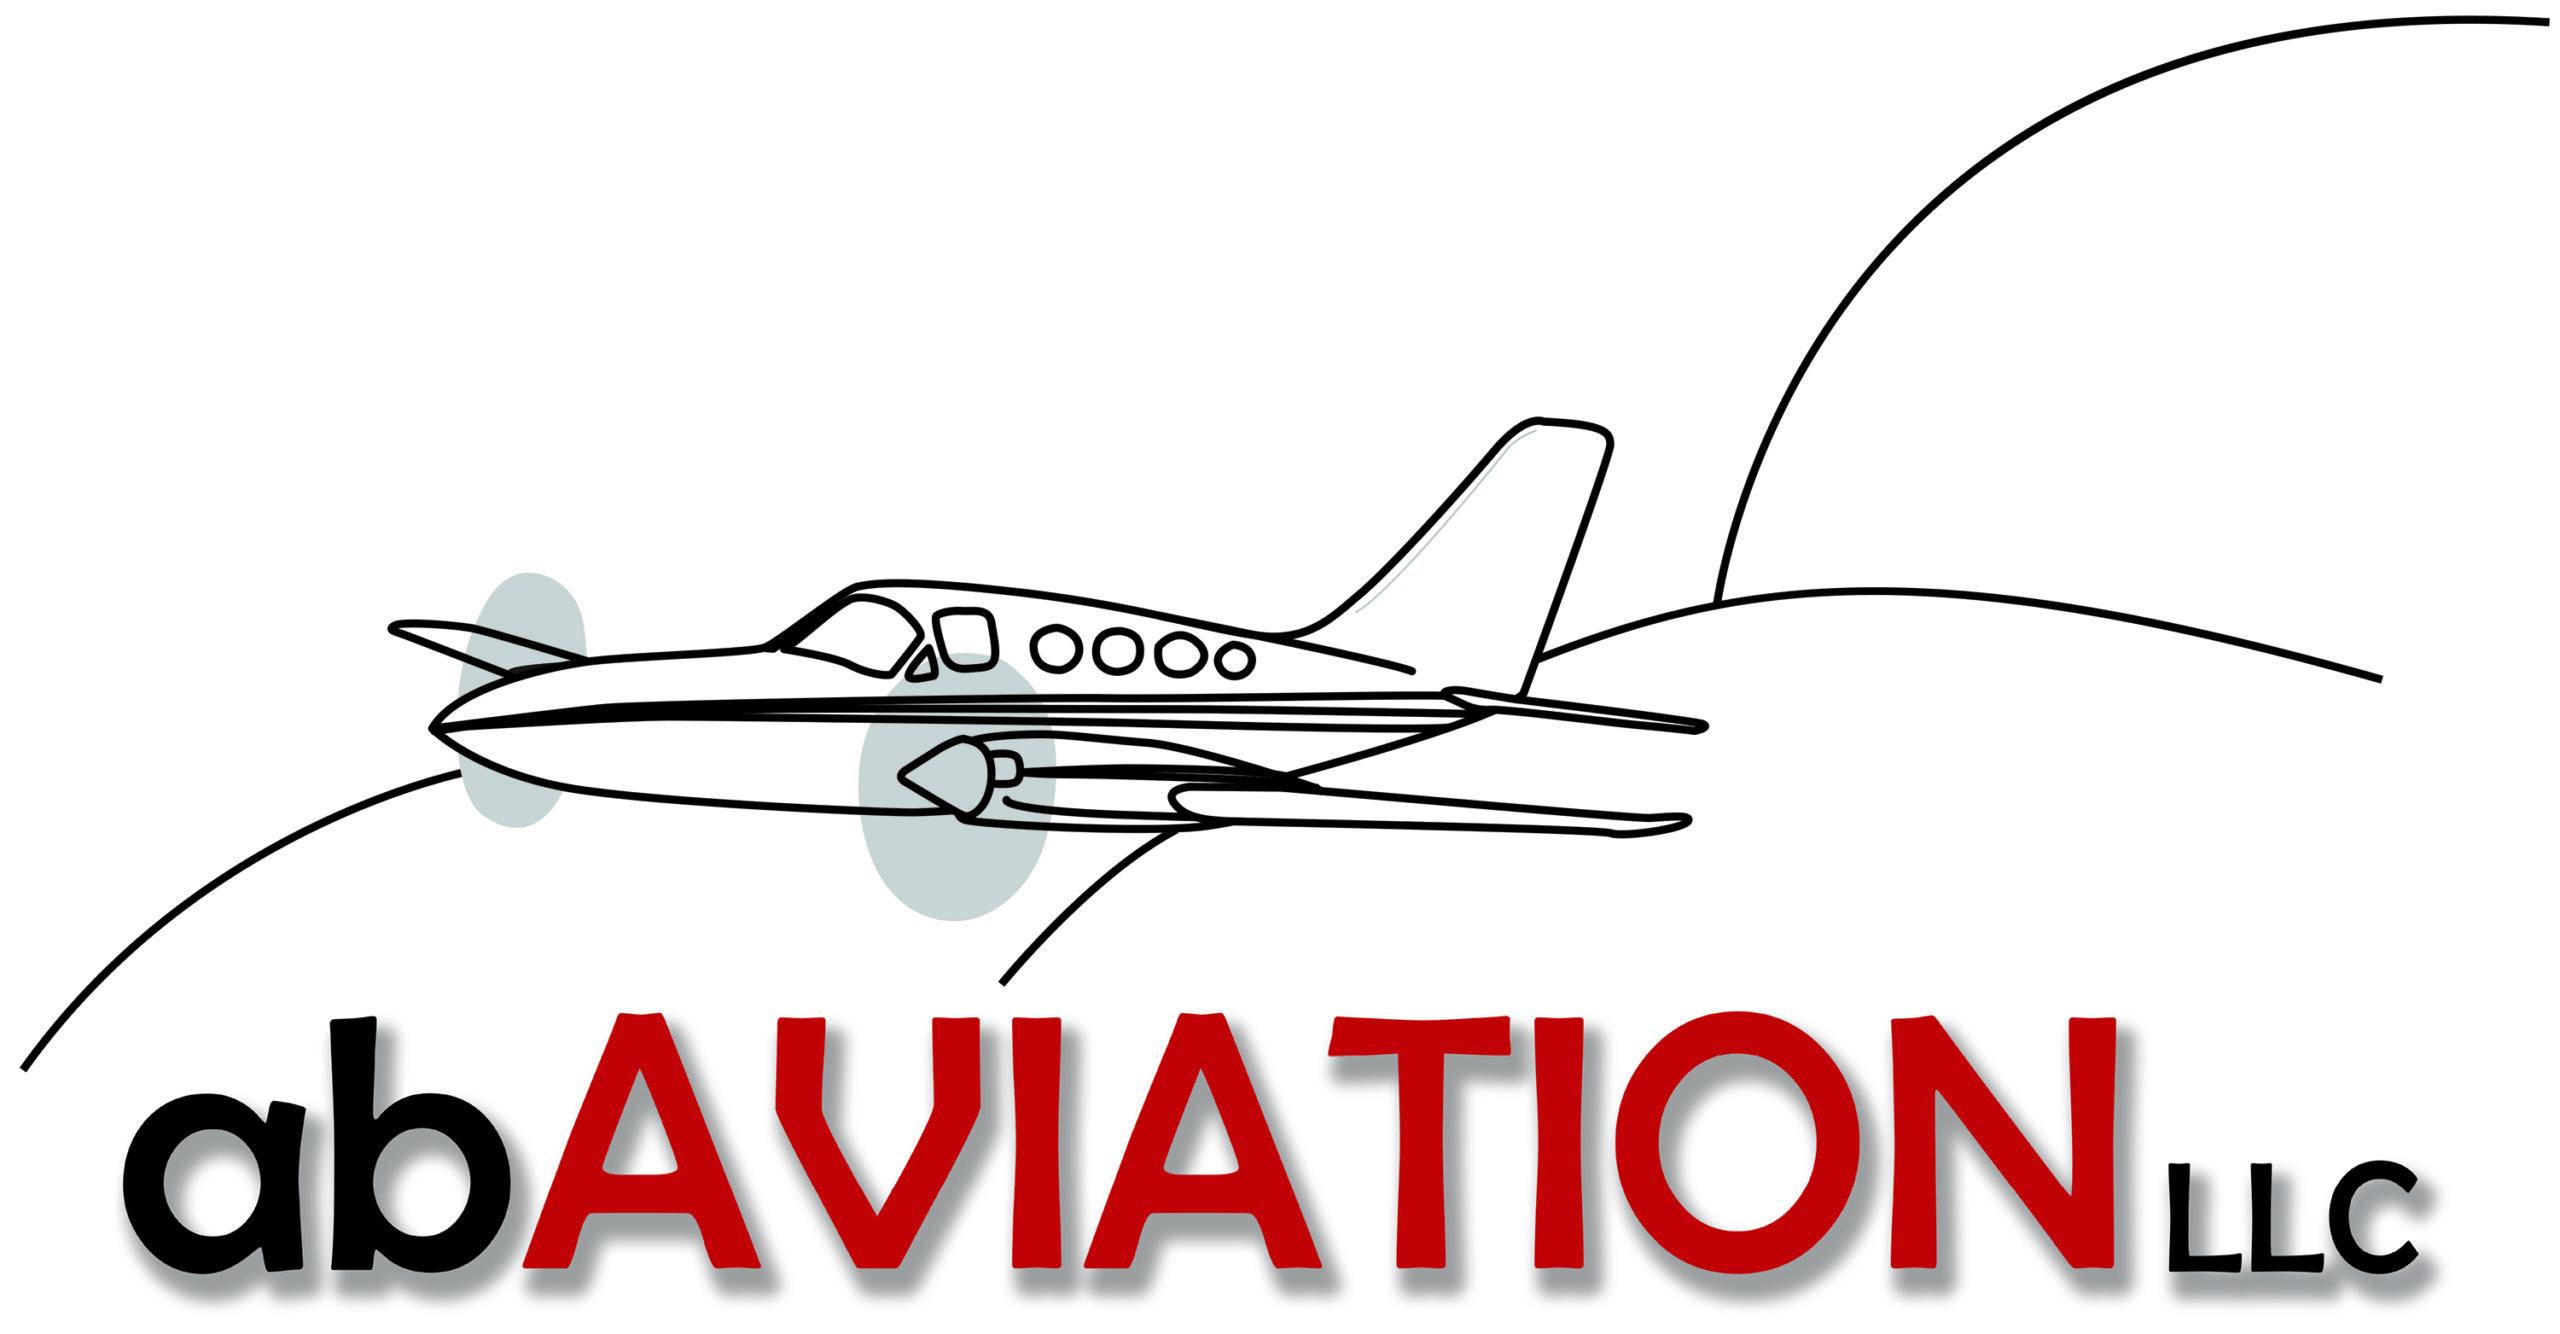 AB Aviation, LLC